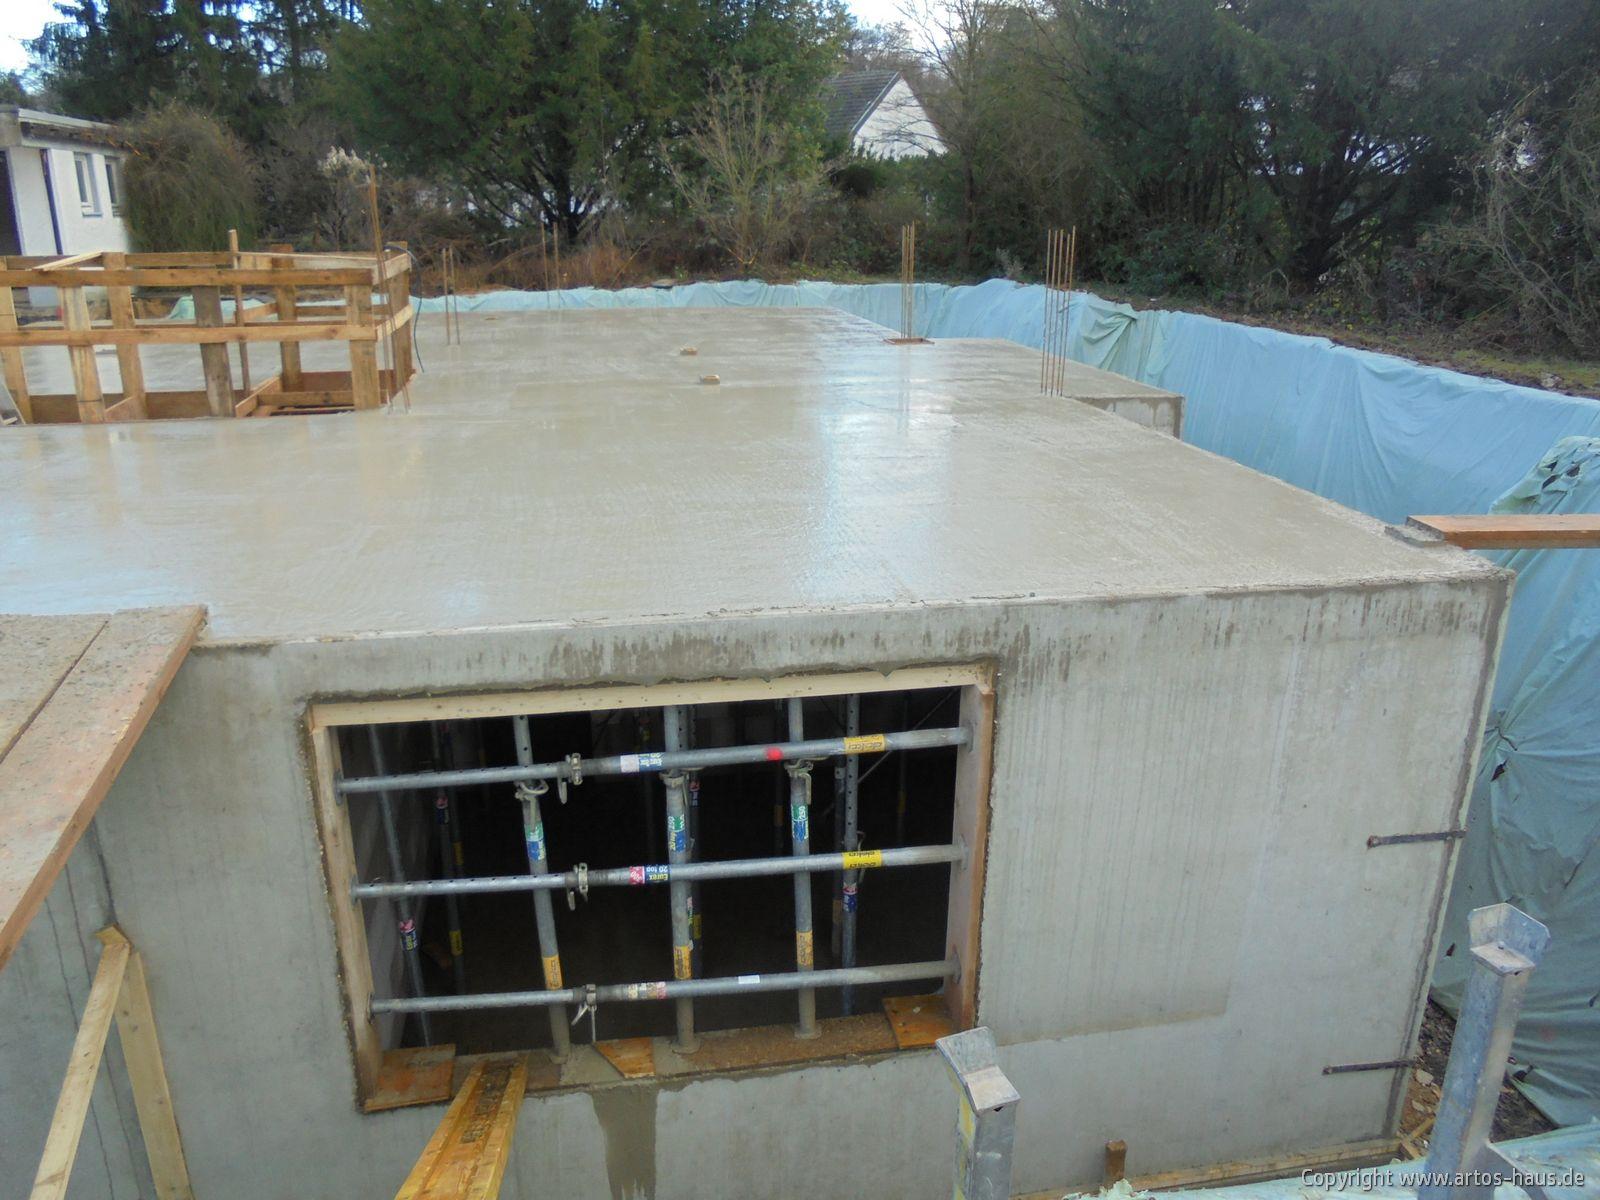 Kellergeschoß Decke betoniert / ARTOS-HAUS Bild 3